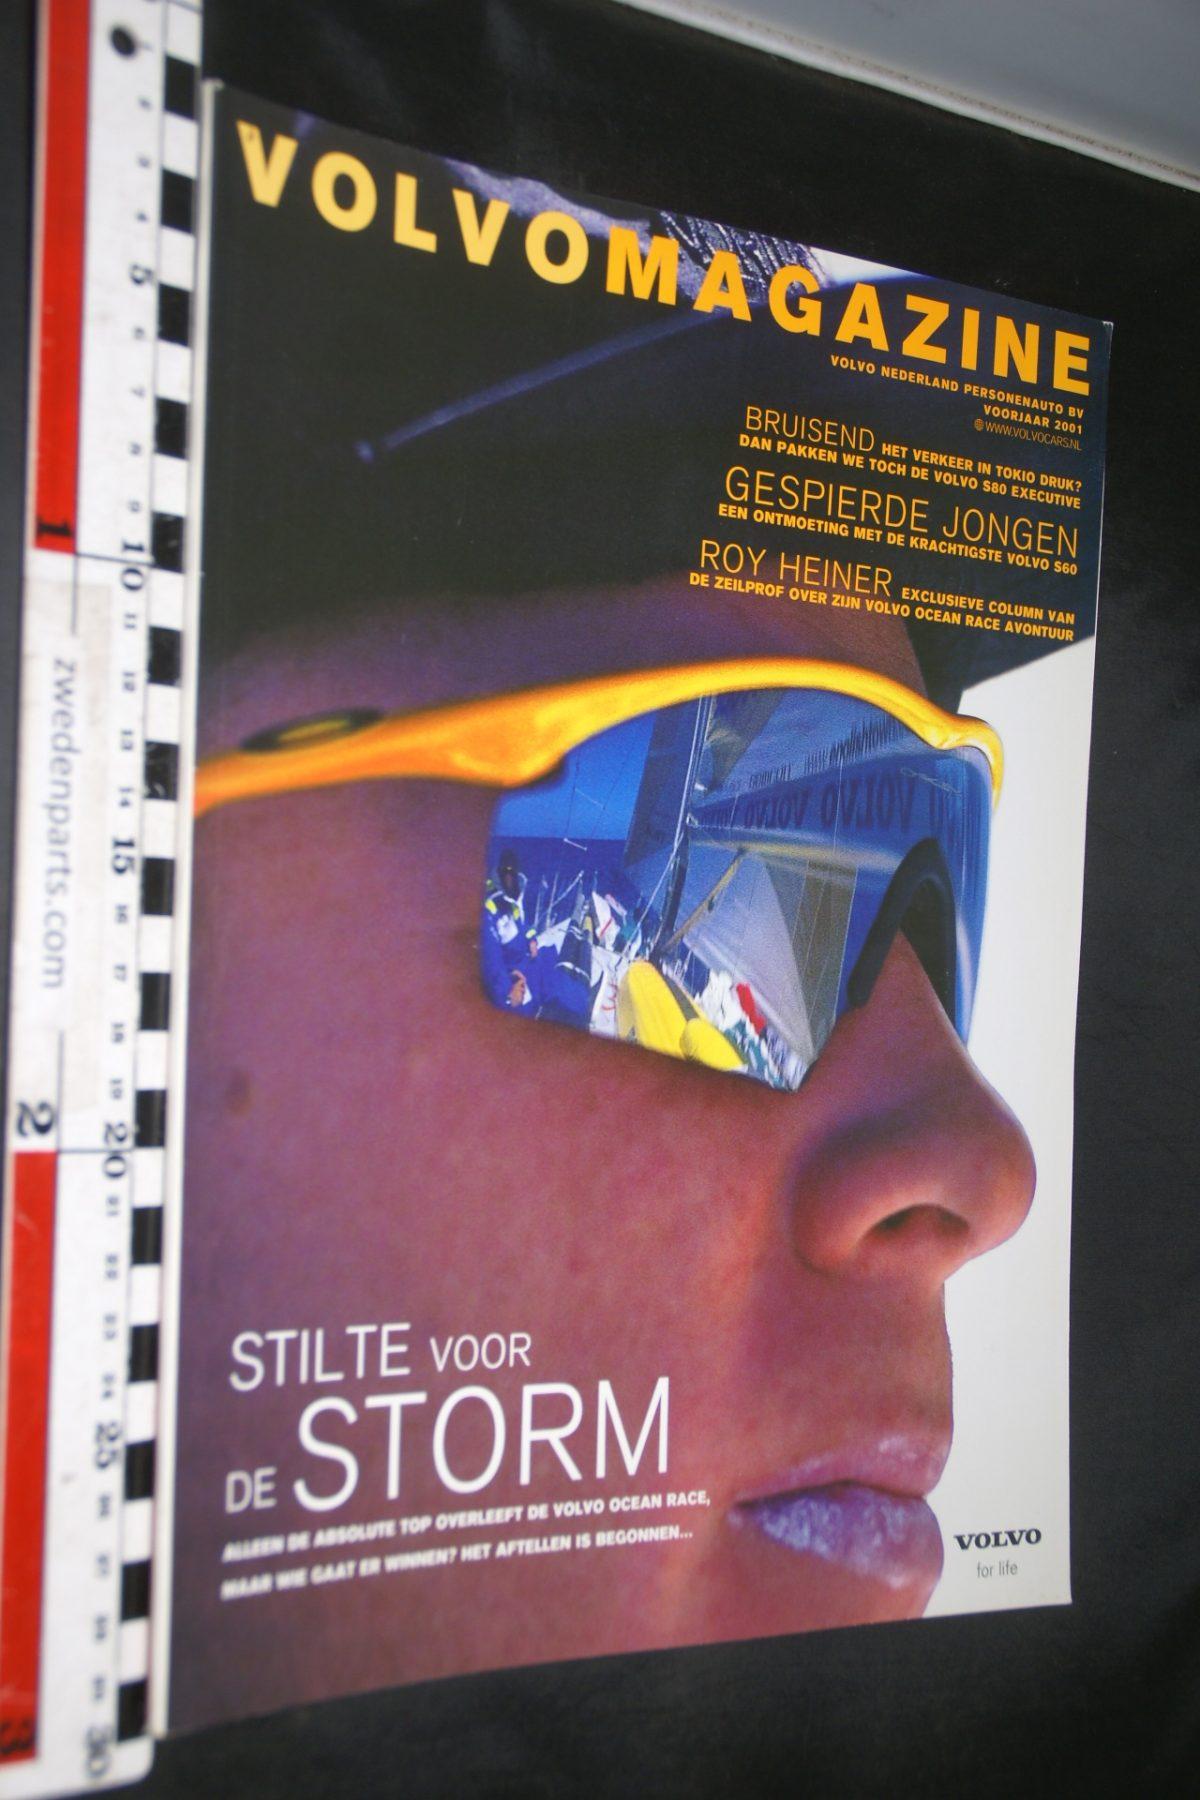 DSC04206 2001 voorjaar tijdschrift Volvomagazine stilte voor de storm